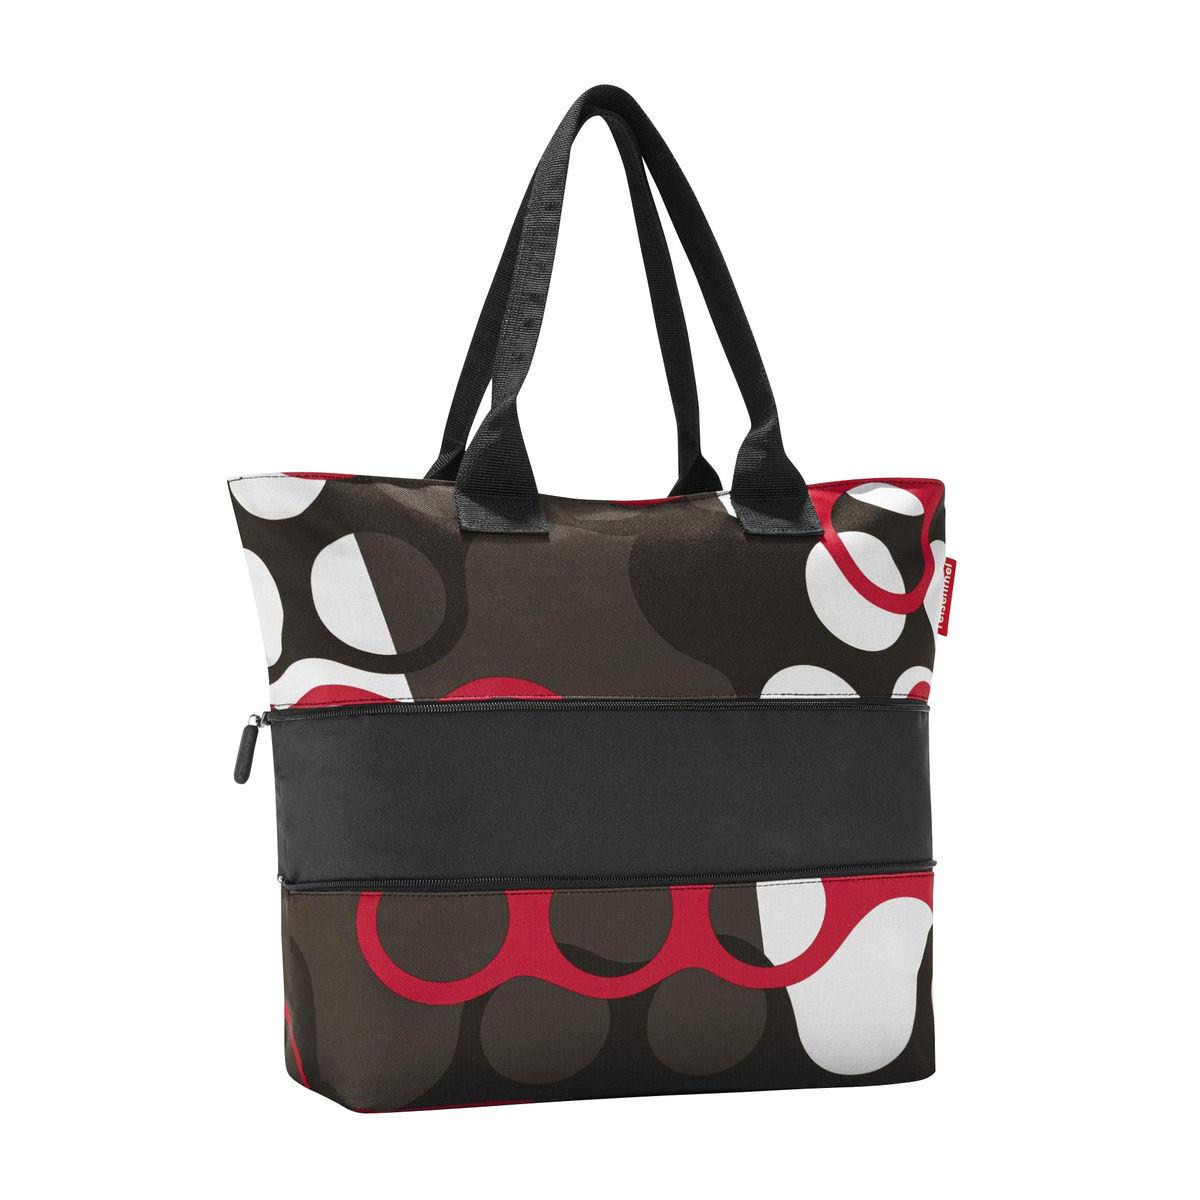 reisenthel shopper e1 shopping bag reisenthel. Black Bedroom Furniture Sets. Home Design Ideas